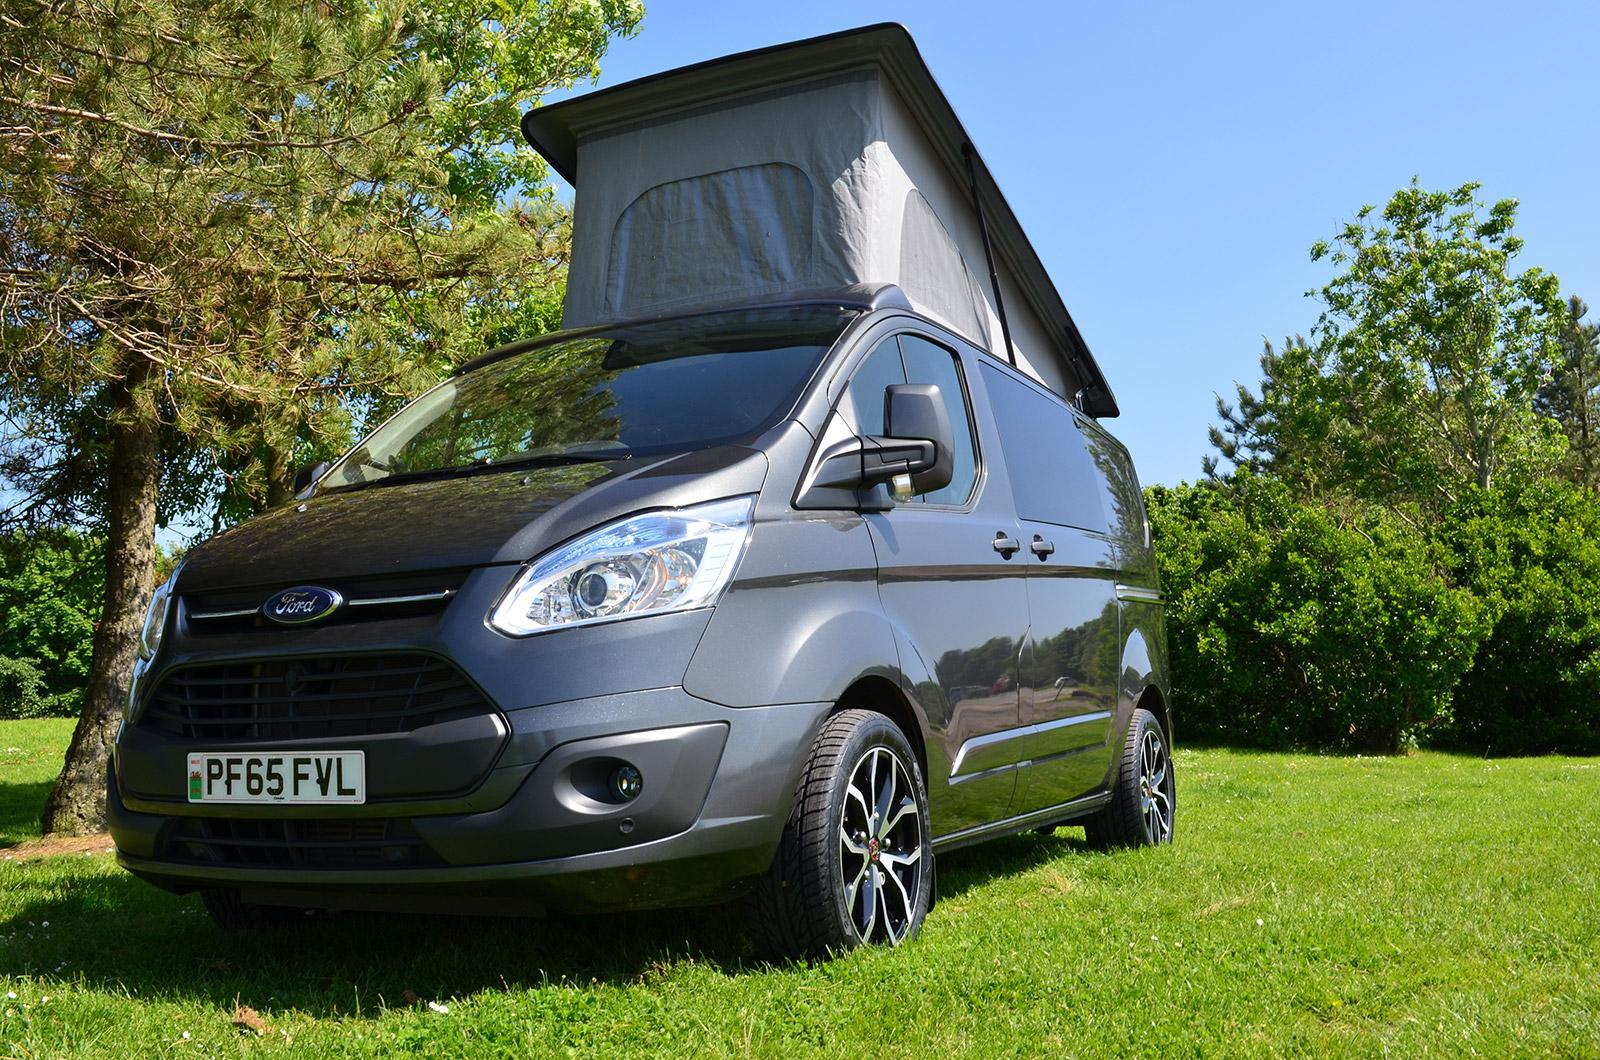 Welsh Coast Campers VW T6 T5 Camper Van Conversions